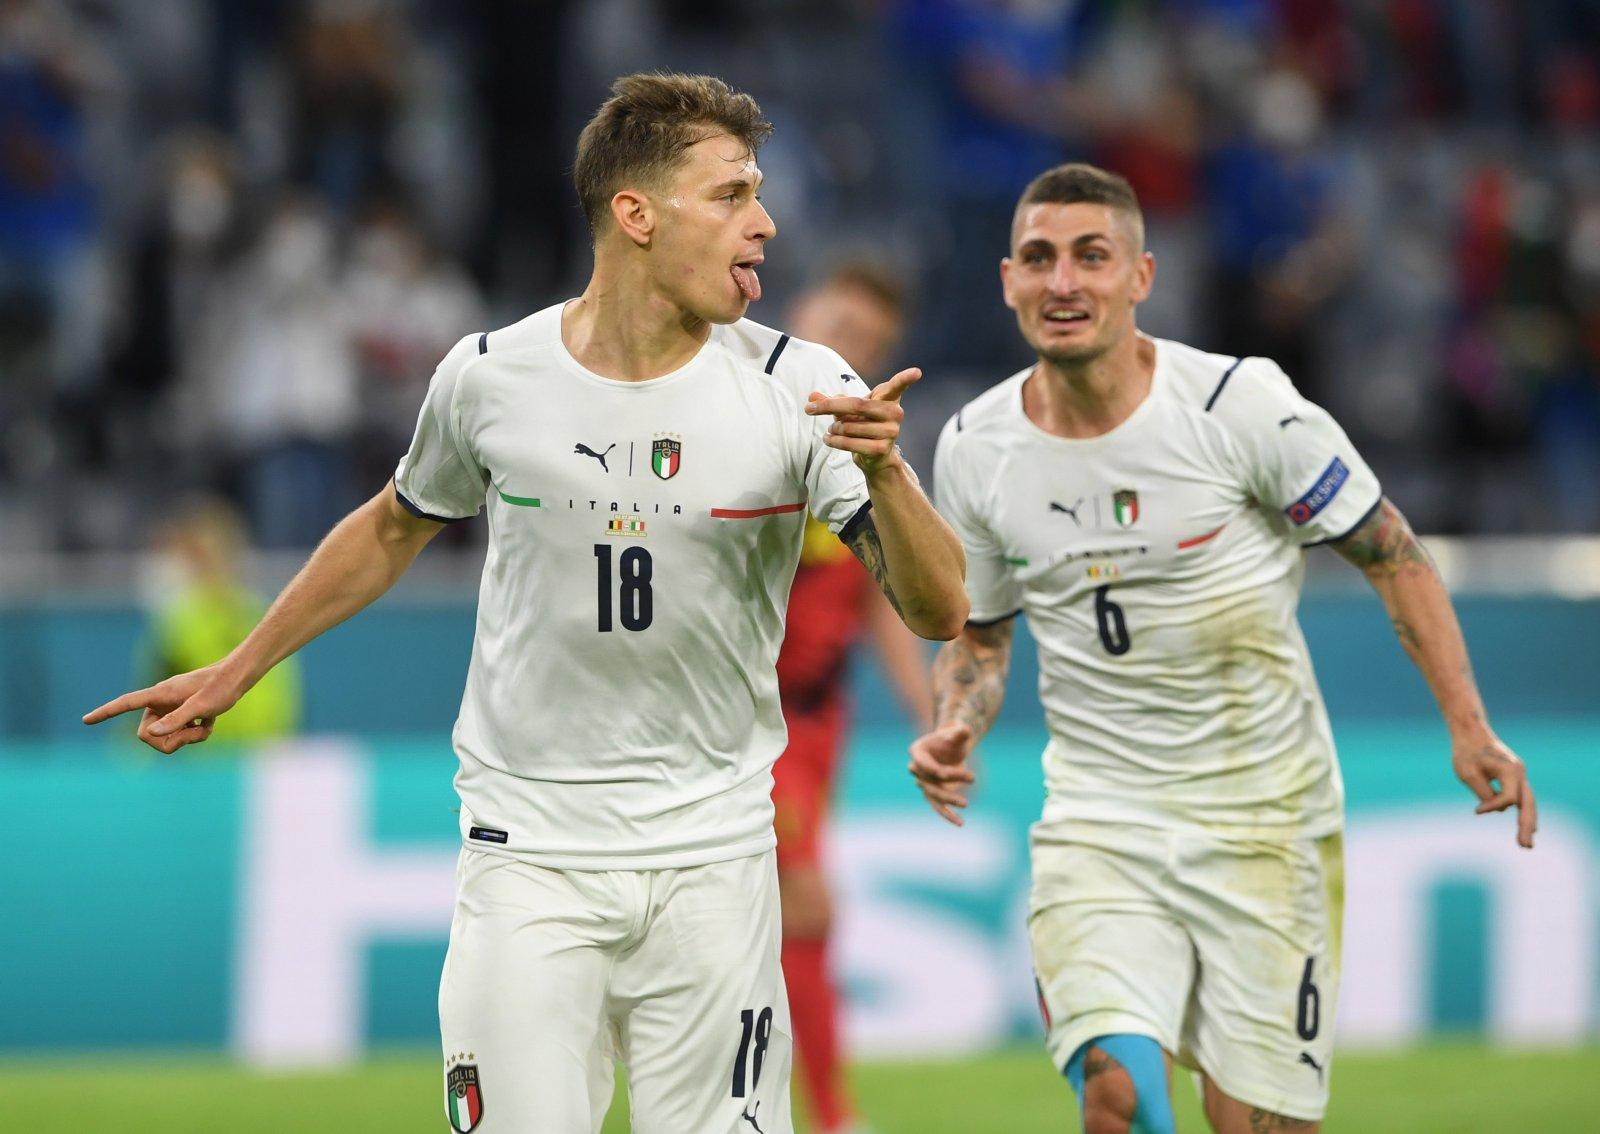 ENCUESTA: ¿Quién ganará en Italia vs España para llegar a la final de la Euro 2020?